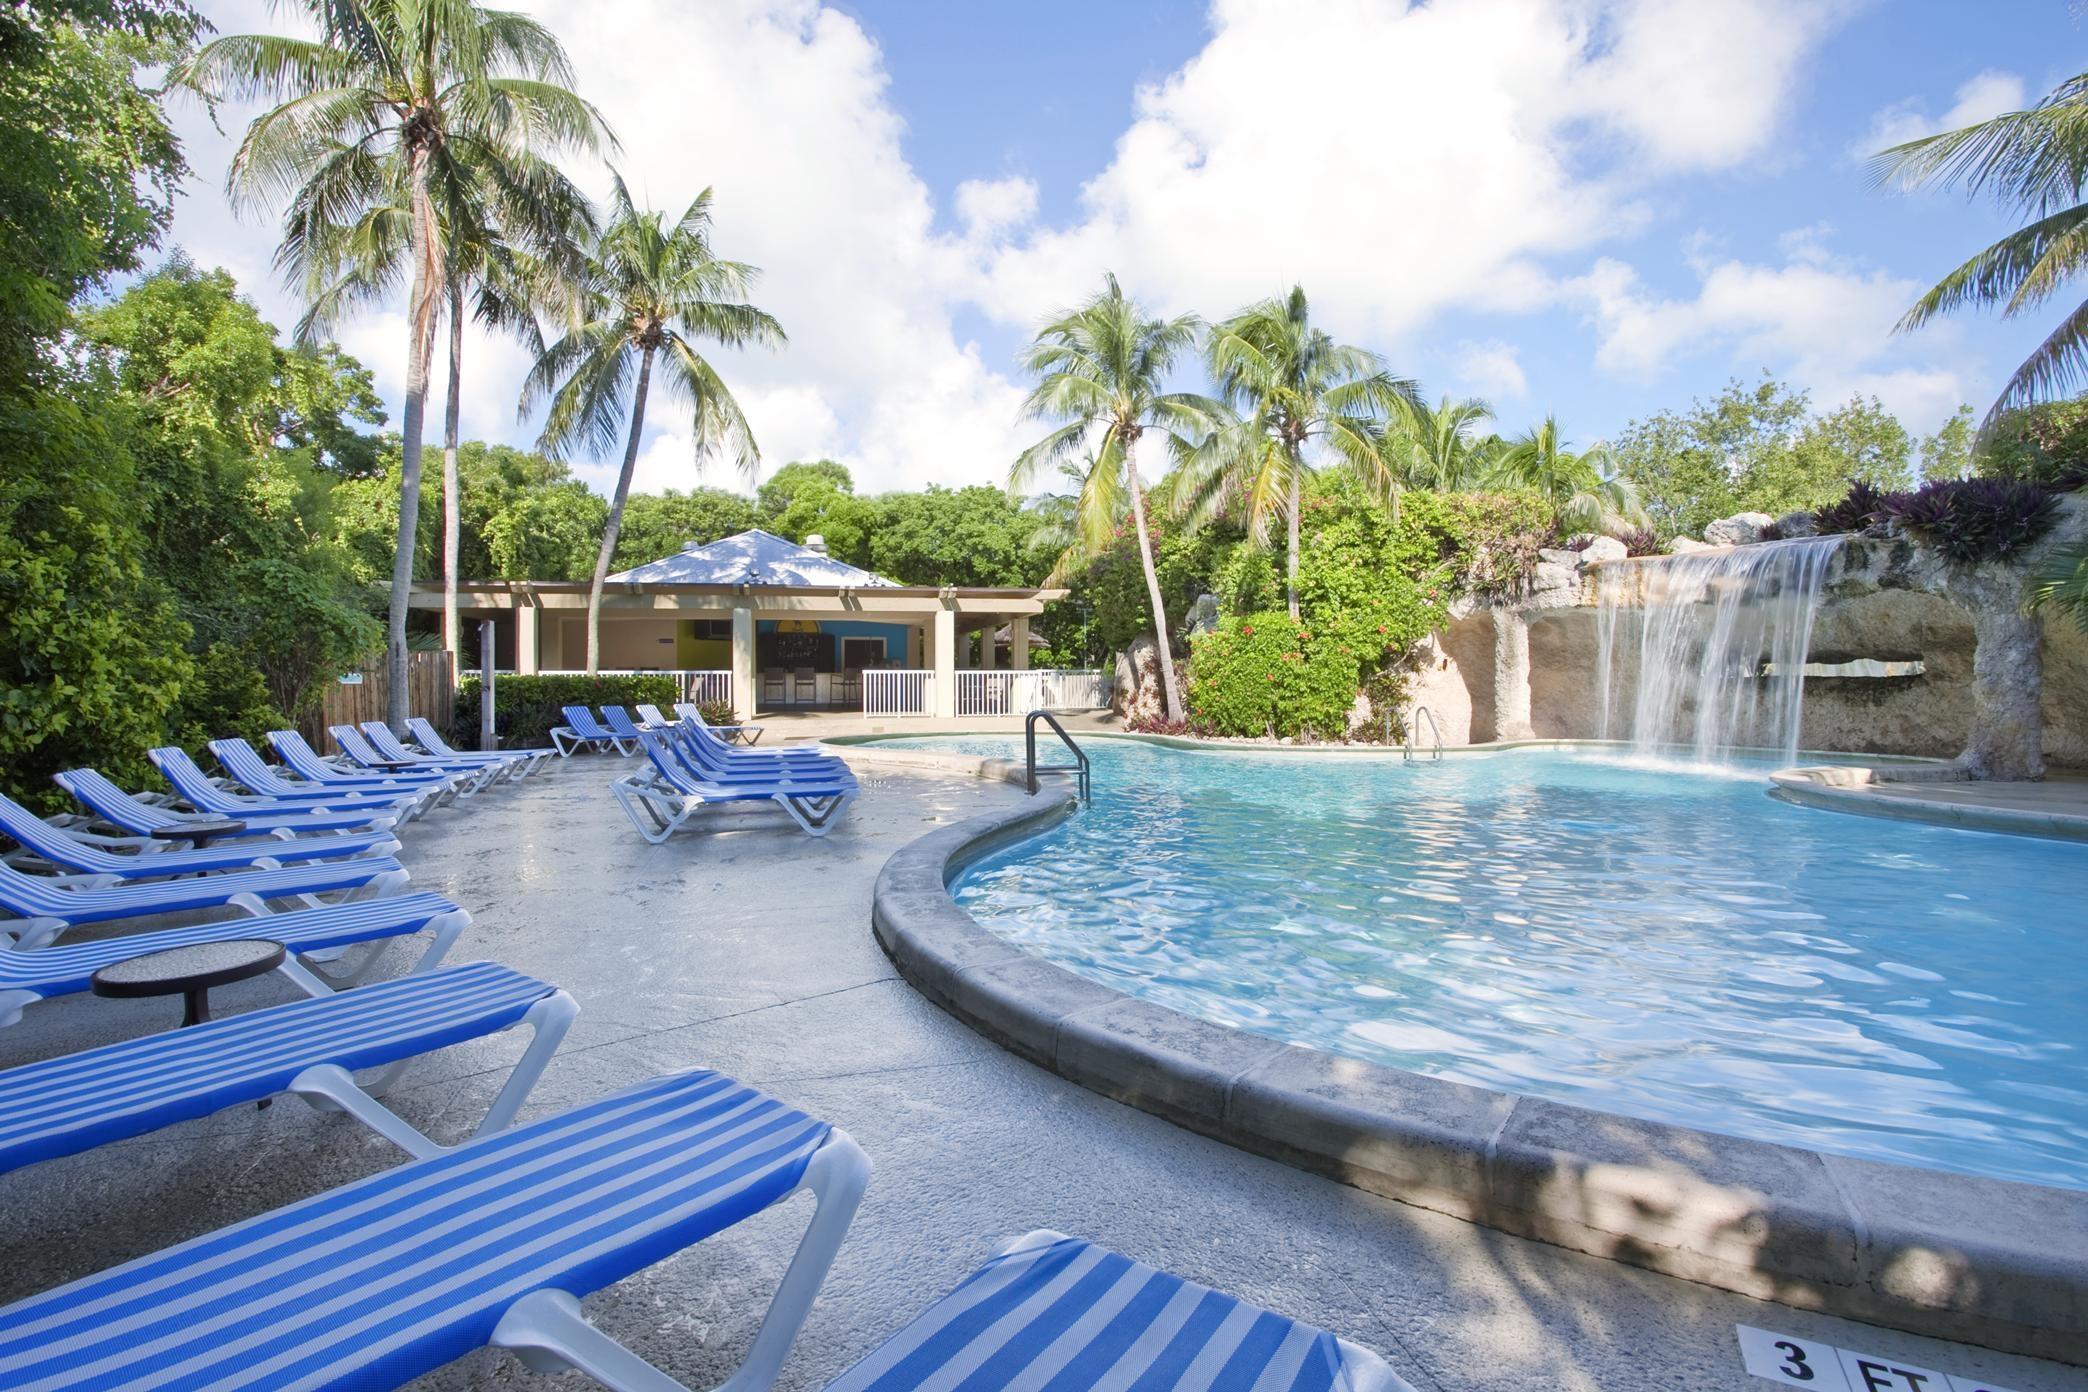 Hilton Key Largo Resort image 3